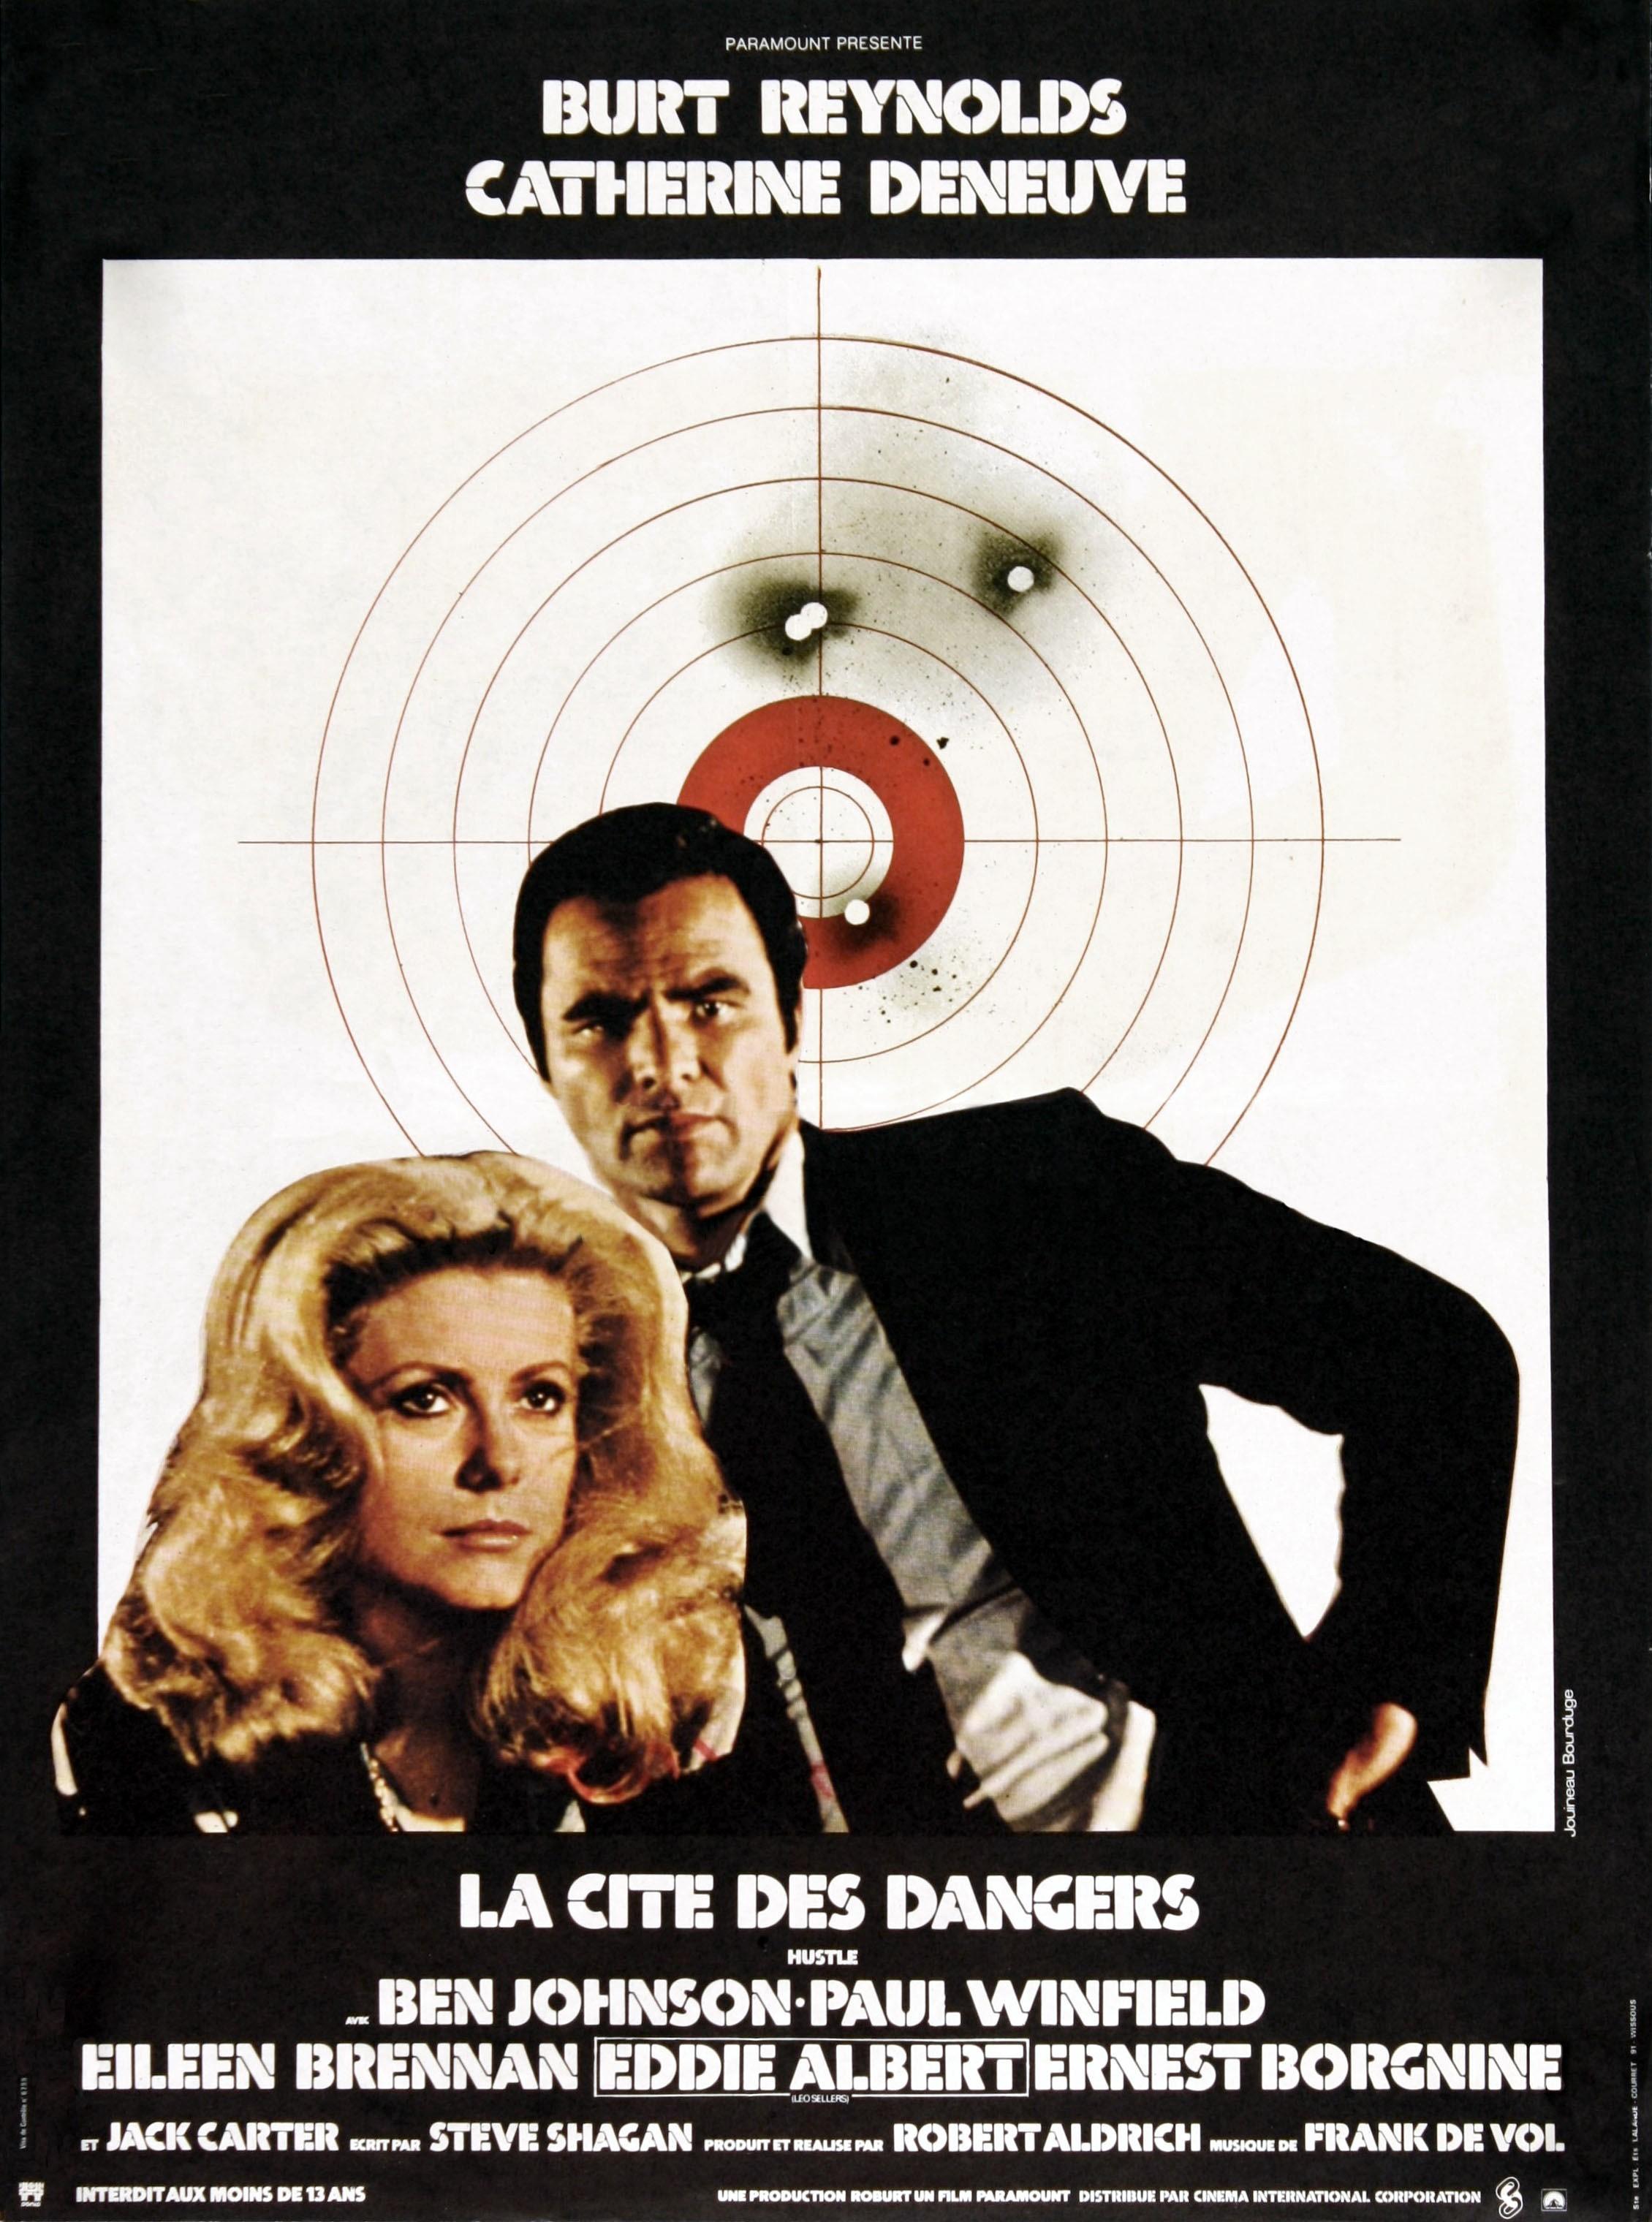 affiche du film La Cité des dangers